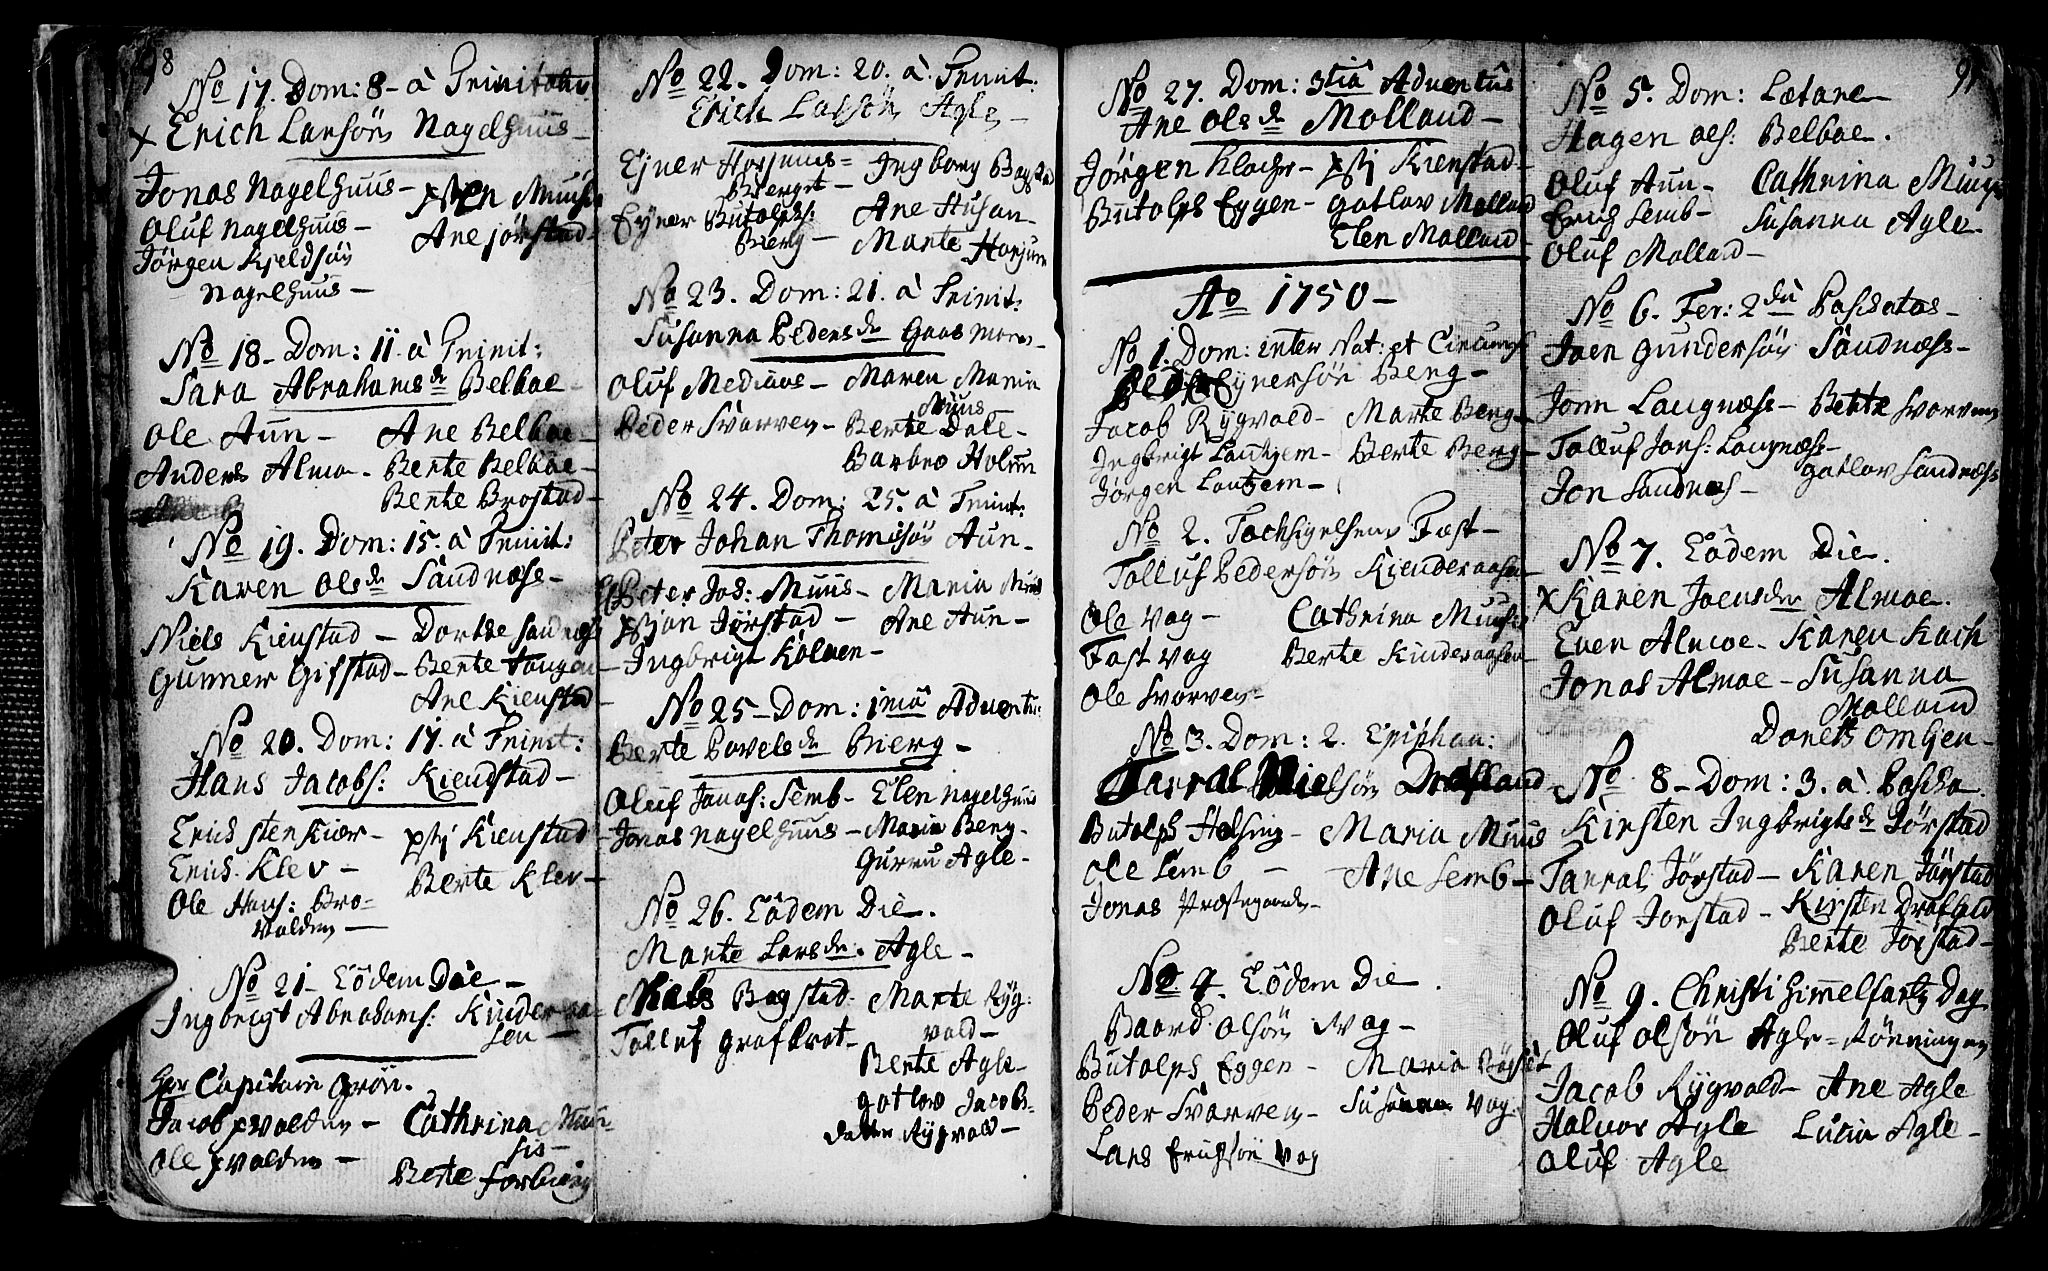 SAT, Ministerialprotokoller, klokkerbøker og fødselsregistre - Nord-Trøndelag, 749/L0467: Ministerialbok nr. 749A01, 1733-1787, s. 98-99